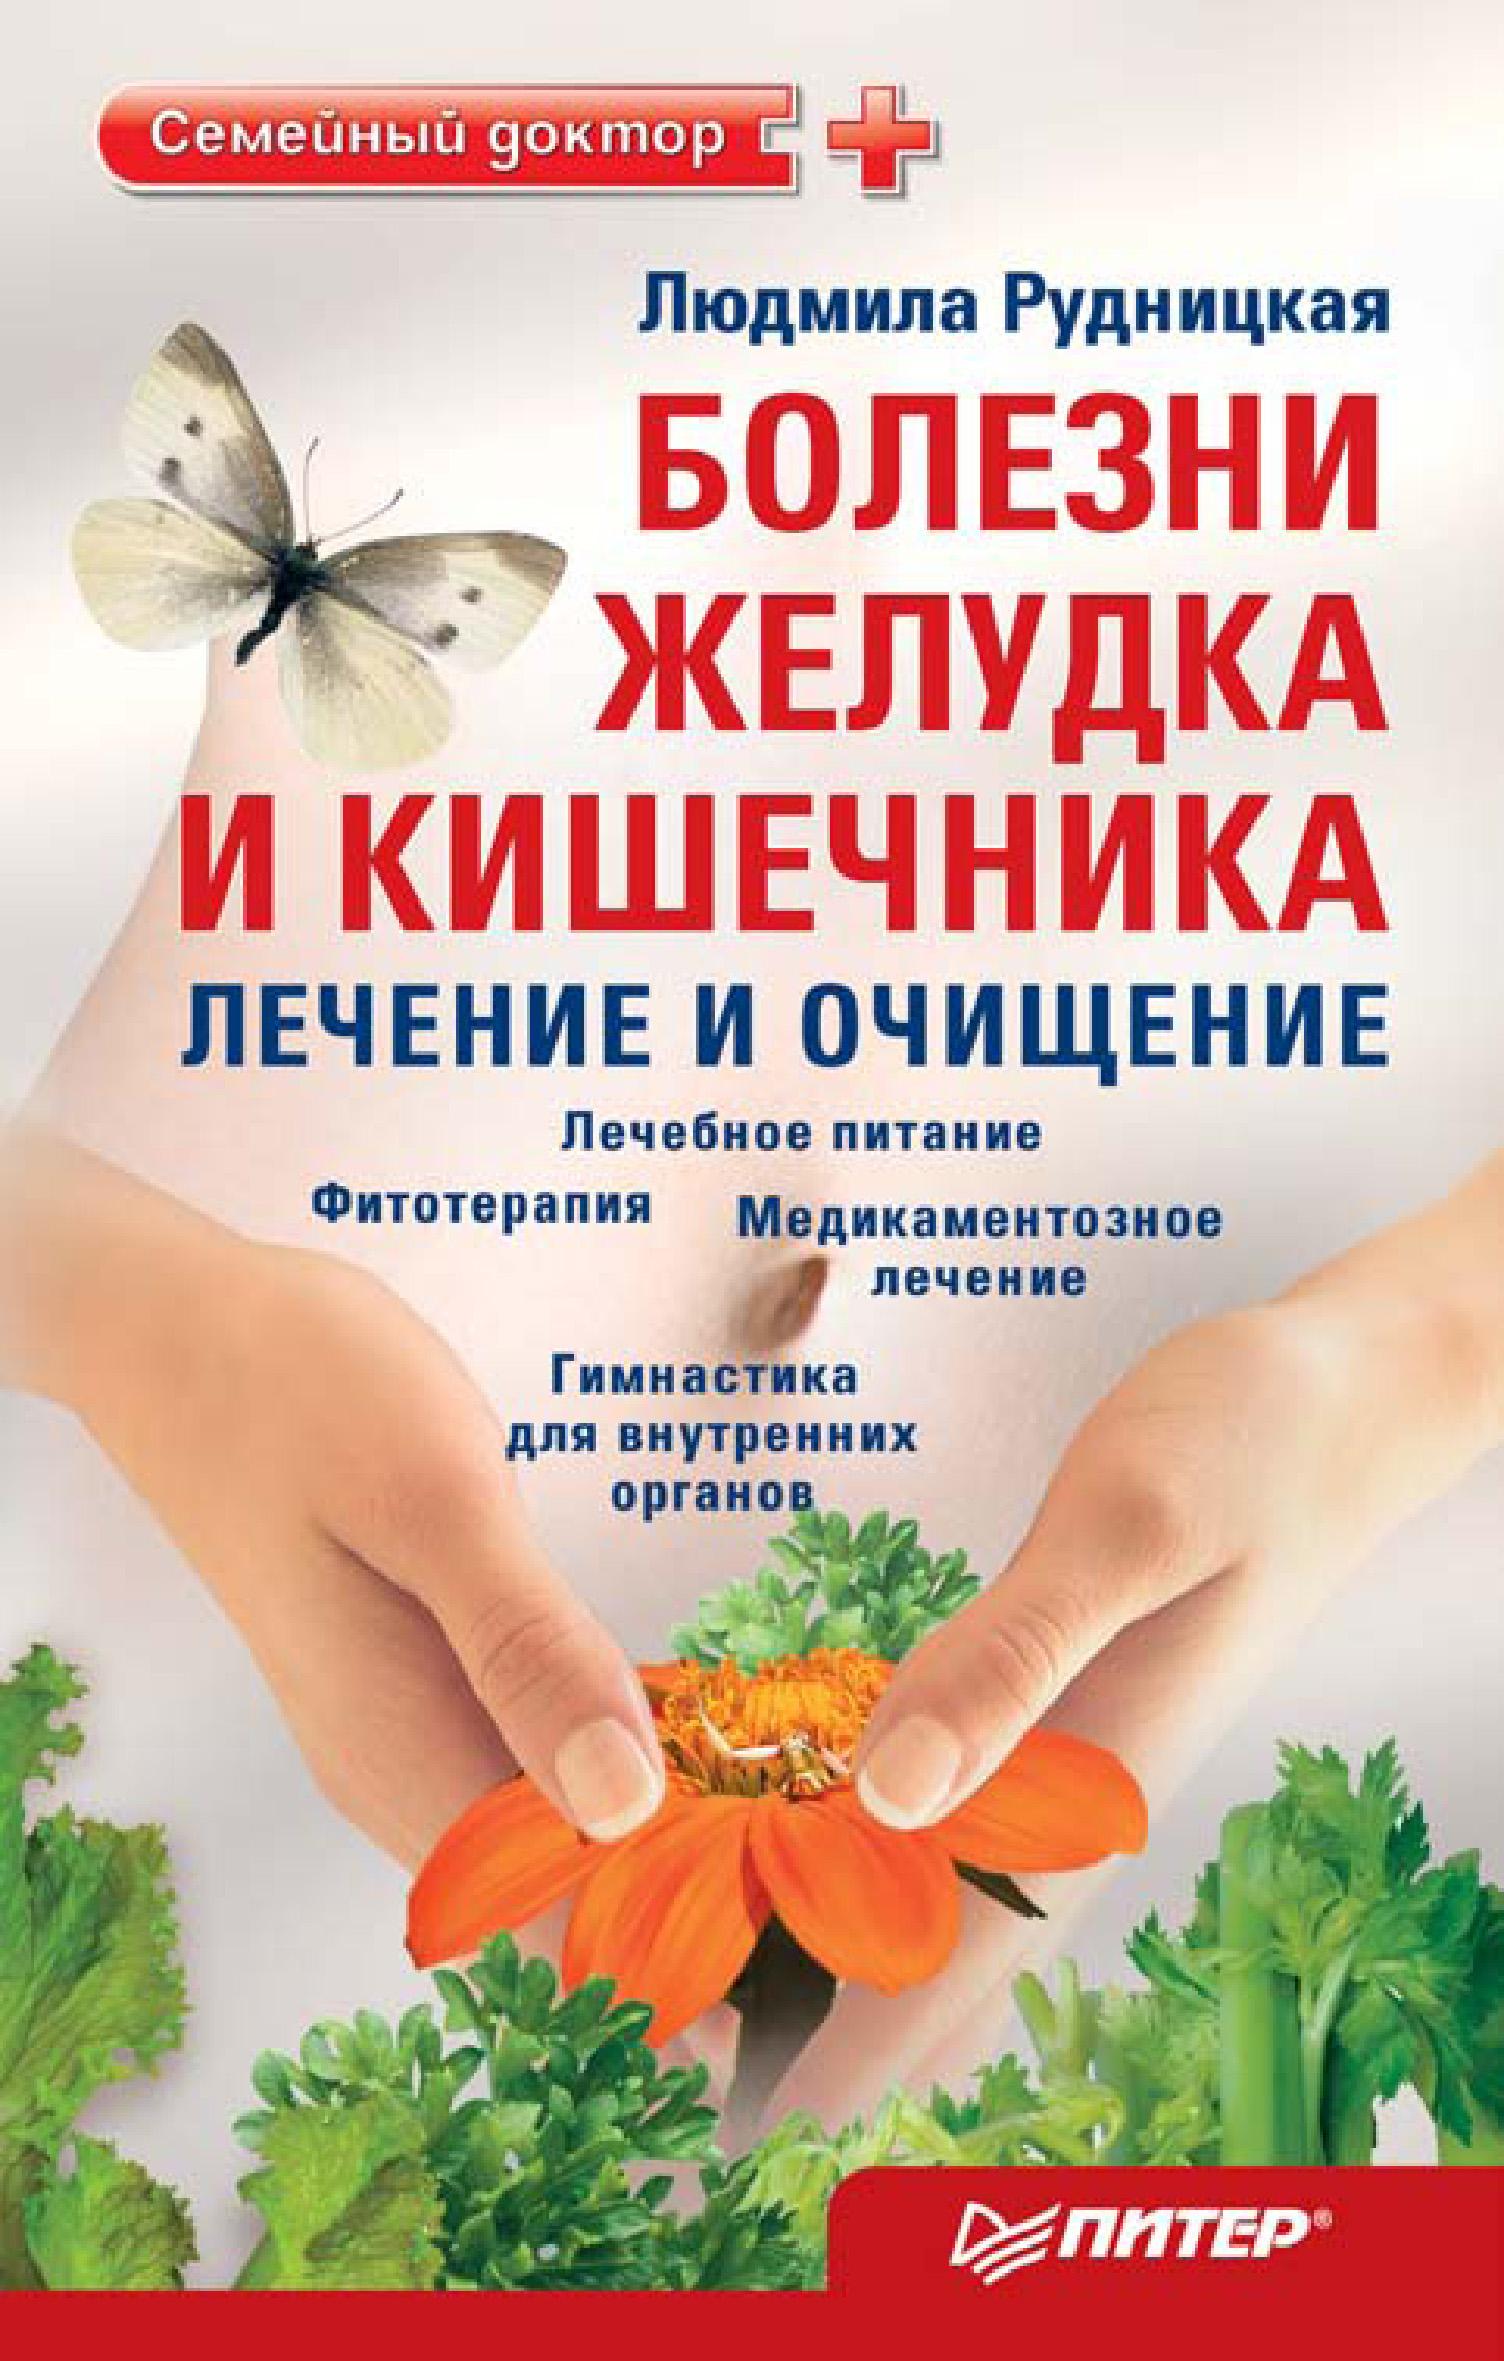 Людмила Рудницкая Болезни желудка и кишечника: лечение и очищение дубровин и эффективное лечение заболеваний желудка и кишечника